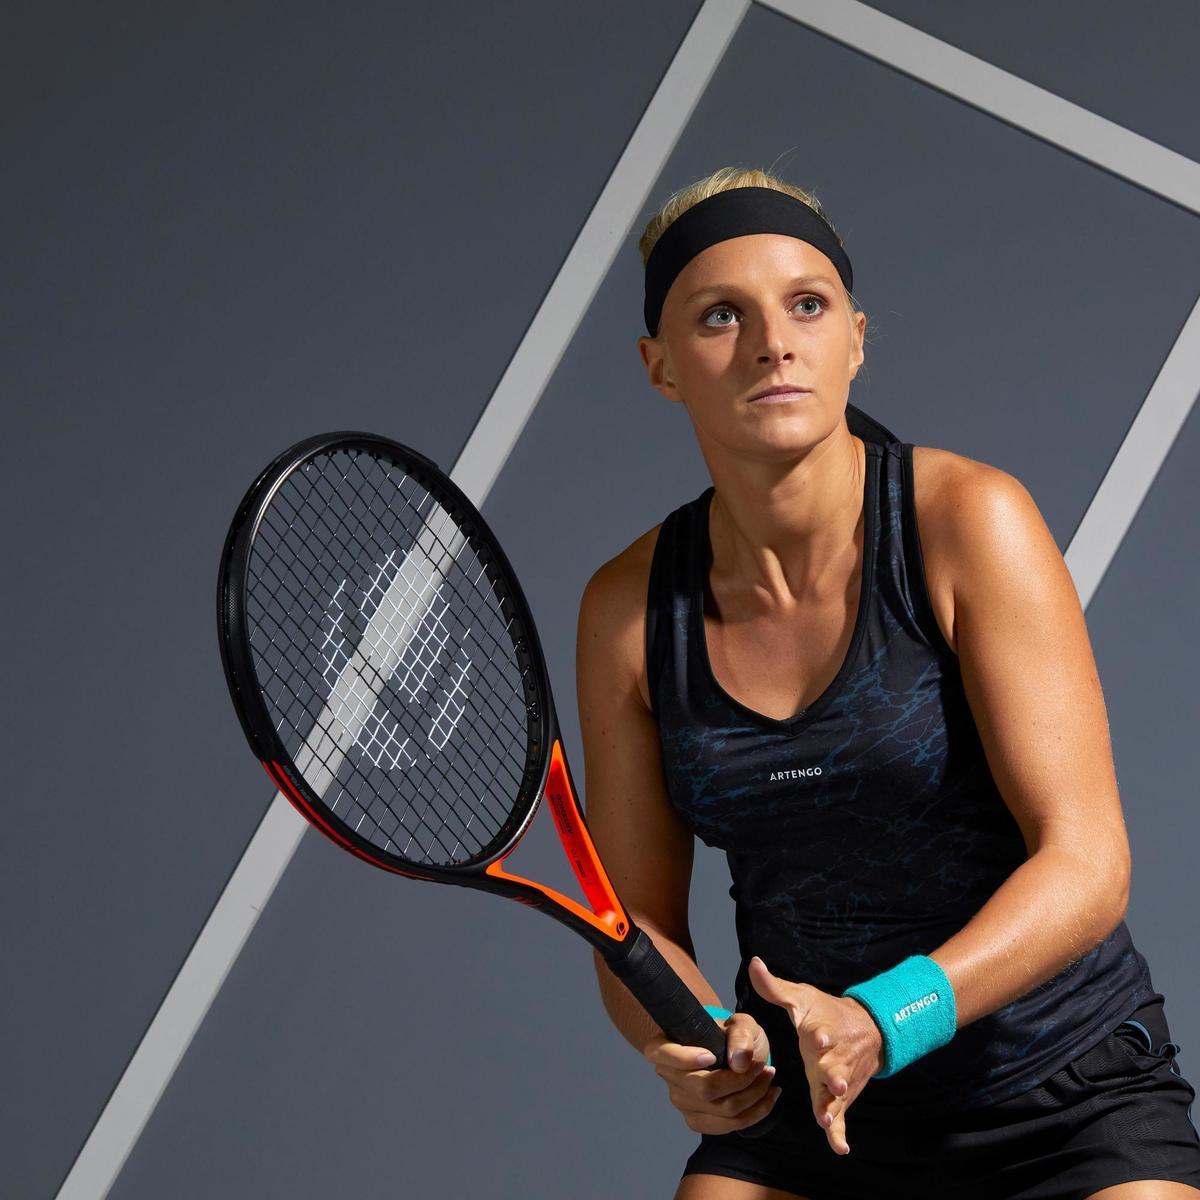 Bild 4 von Tennis-Top TK Light 900 Damen schwarz